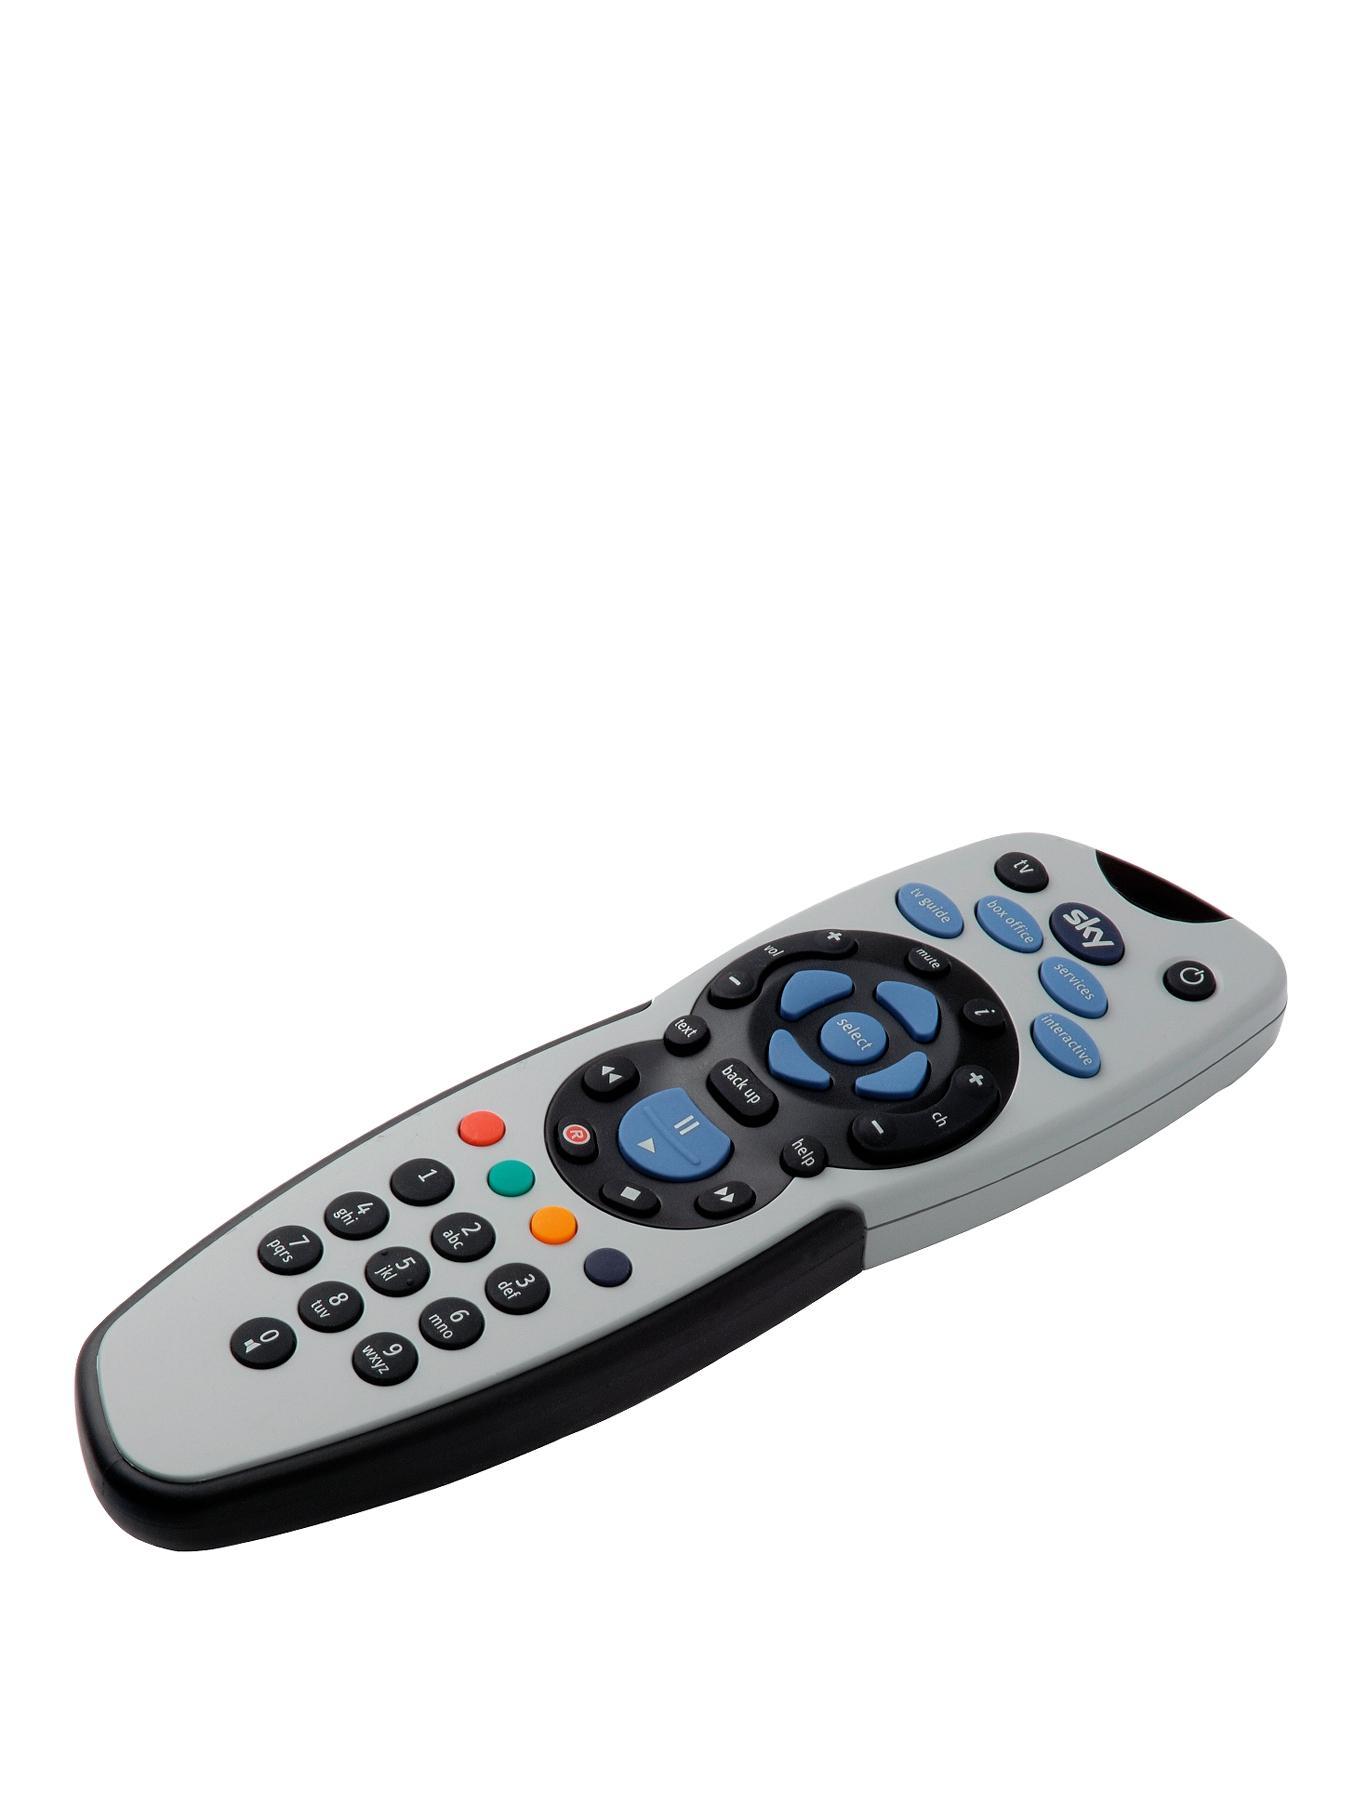 + Remote Control